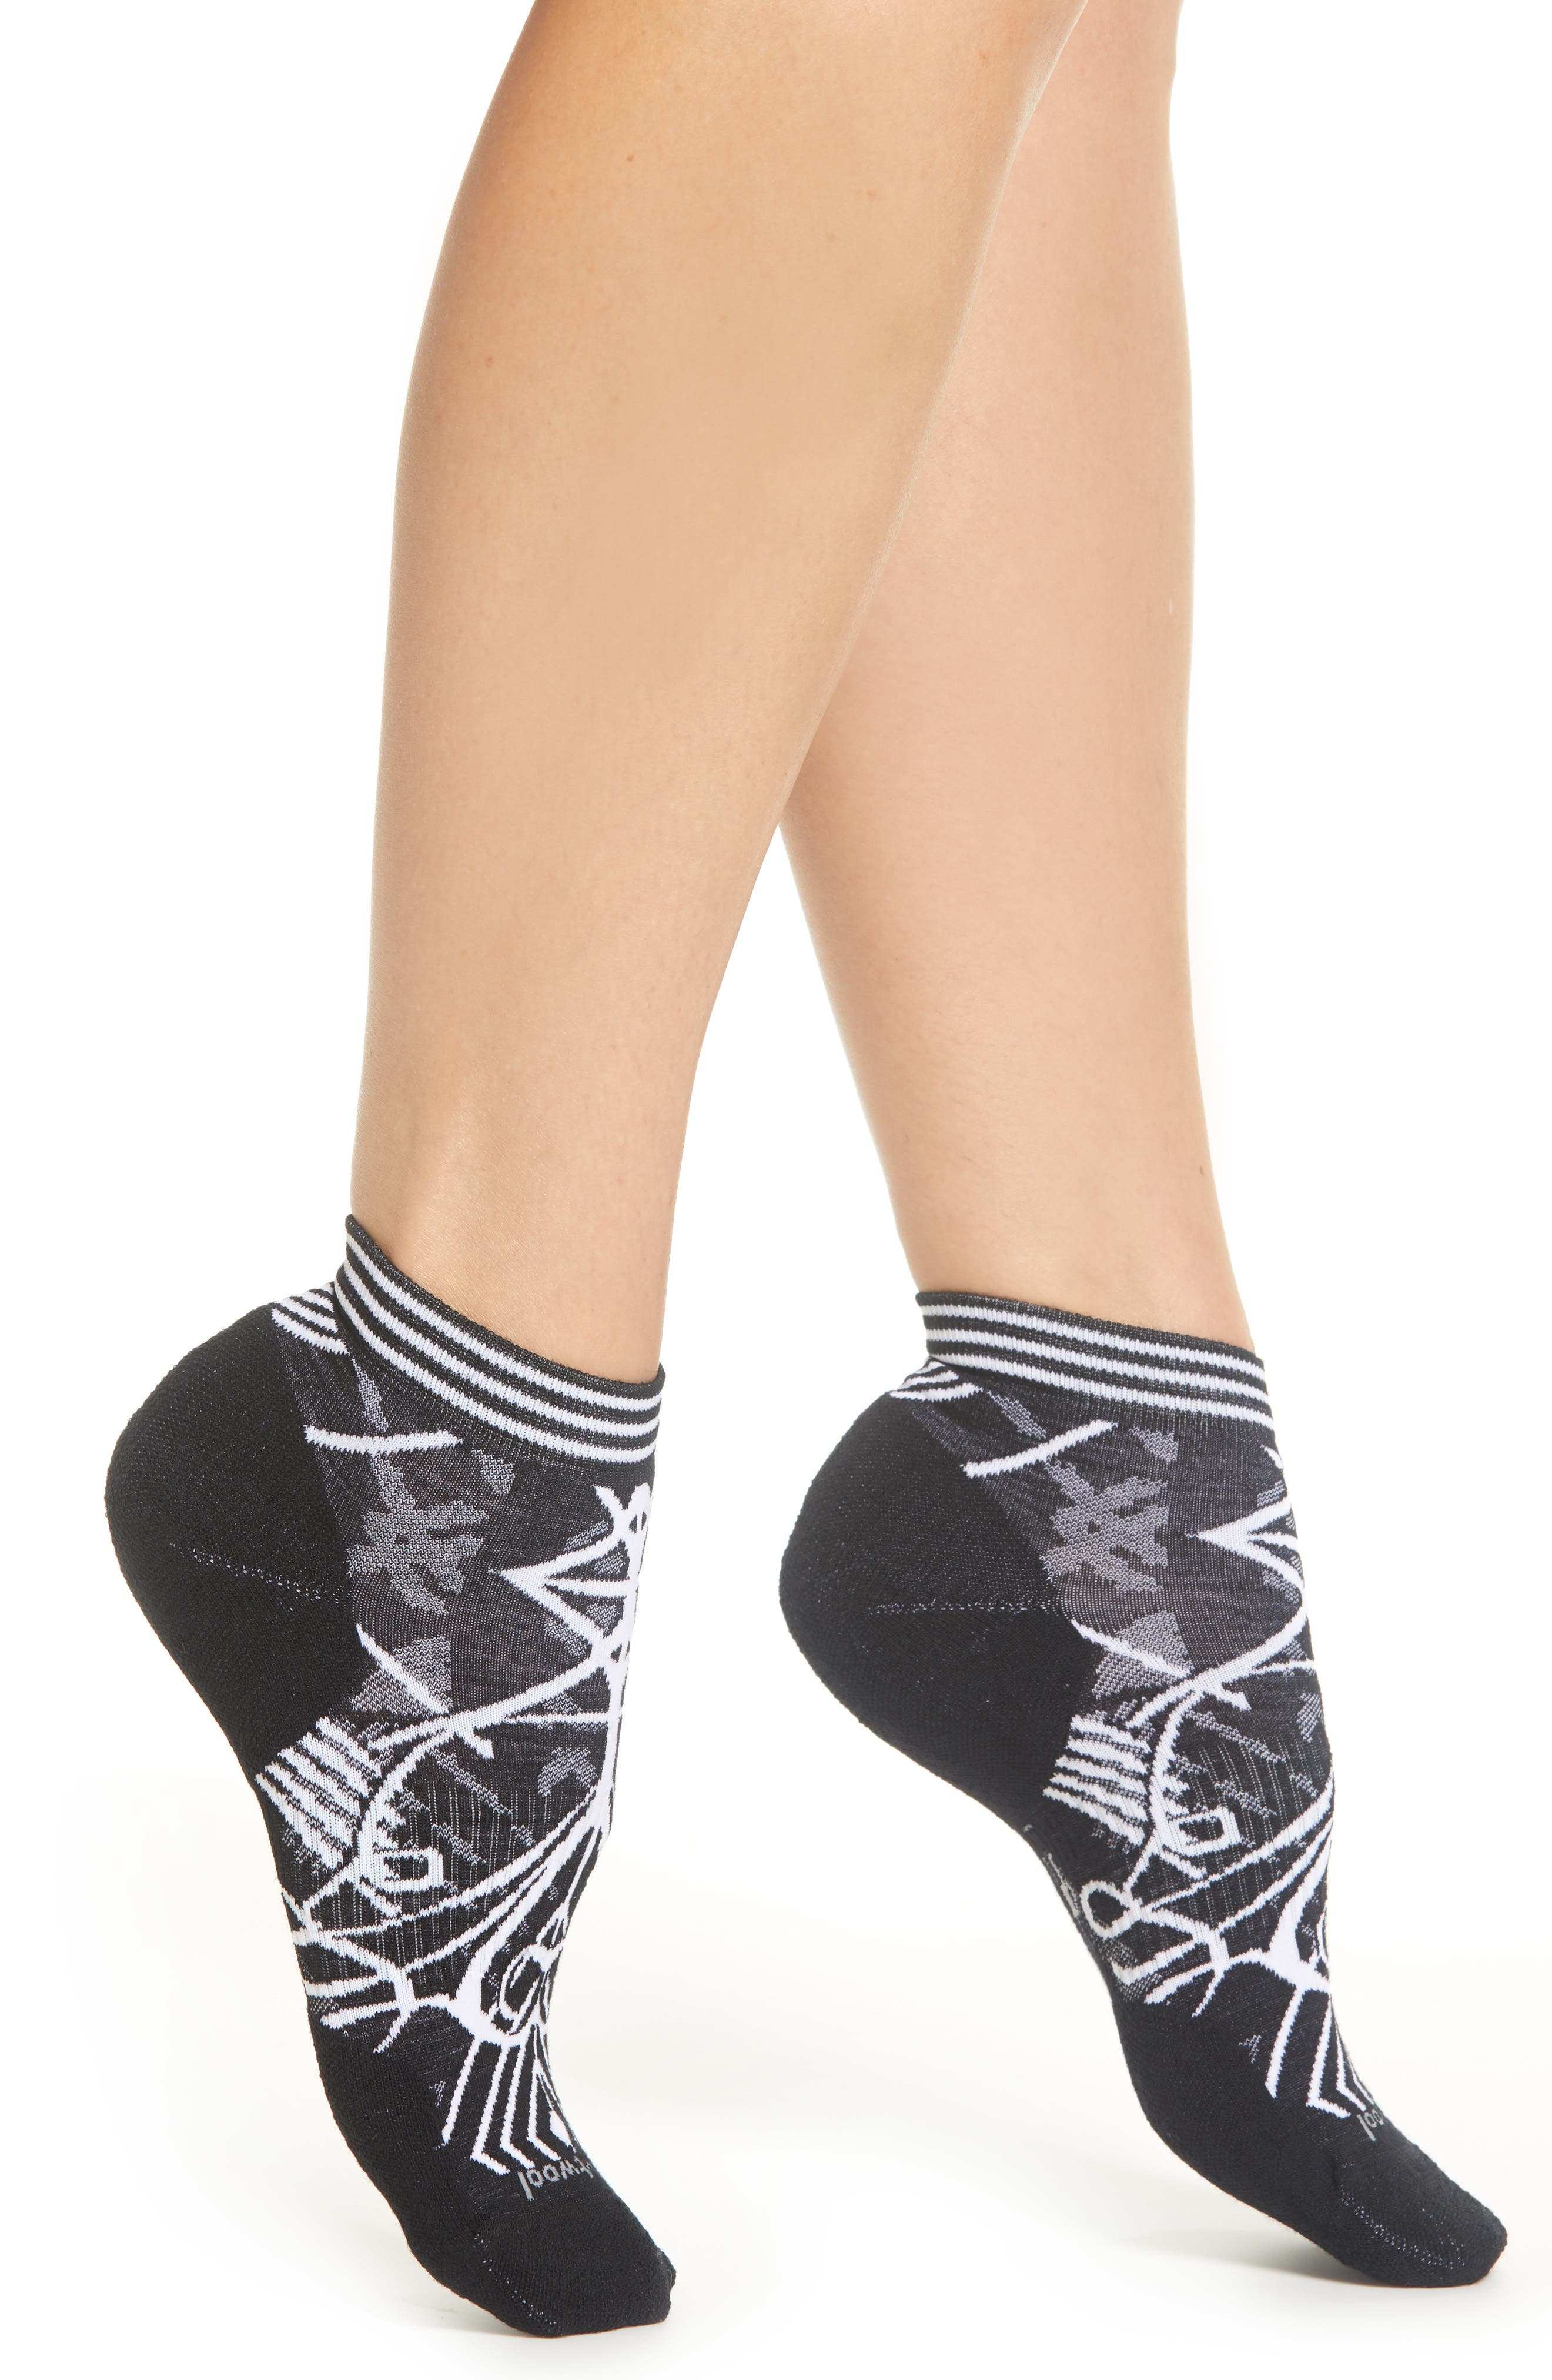 Skyline Mini Boot Socks,                             Main thumbnail 1, color,                             BLACK